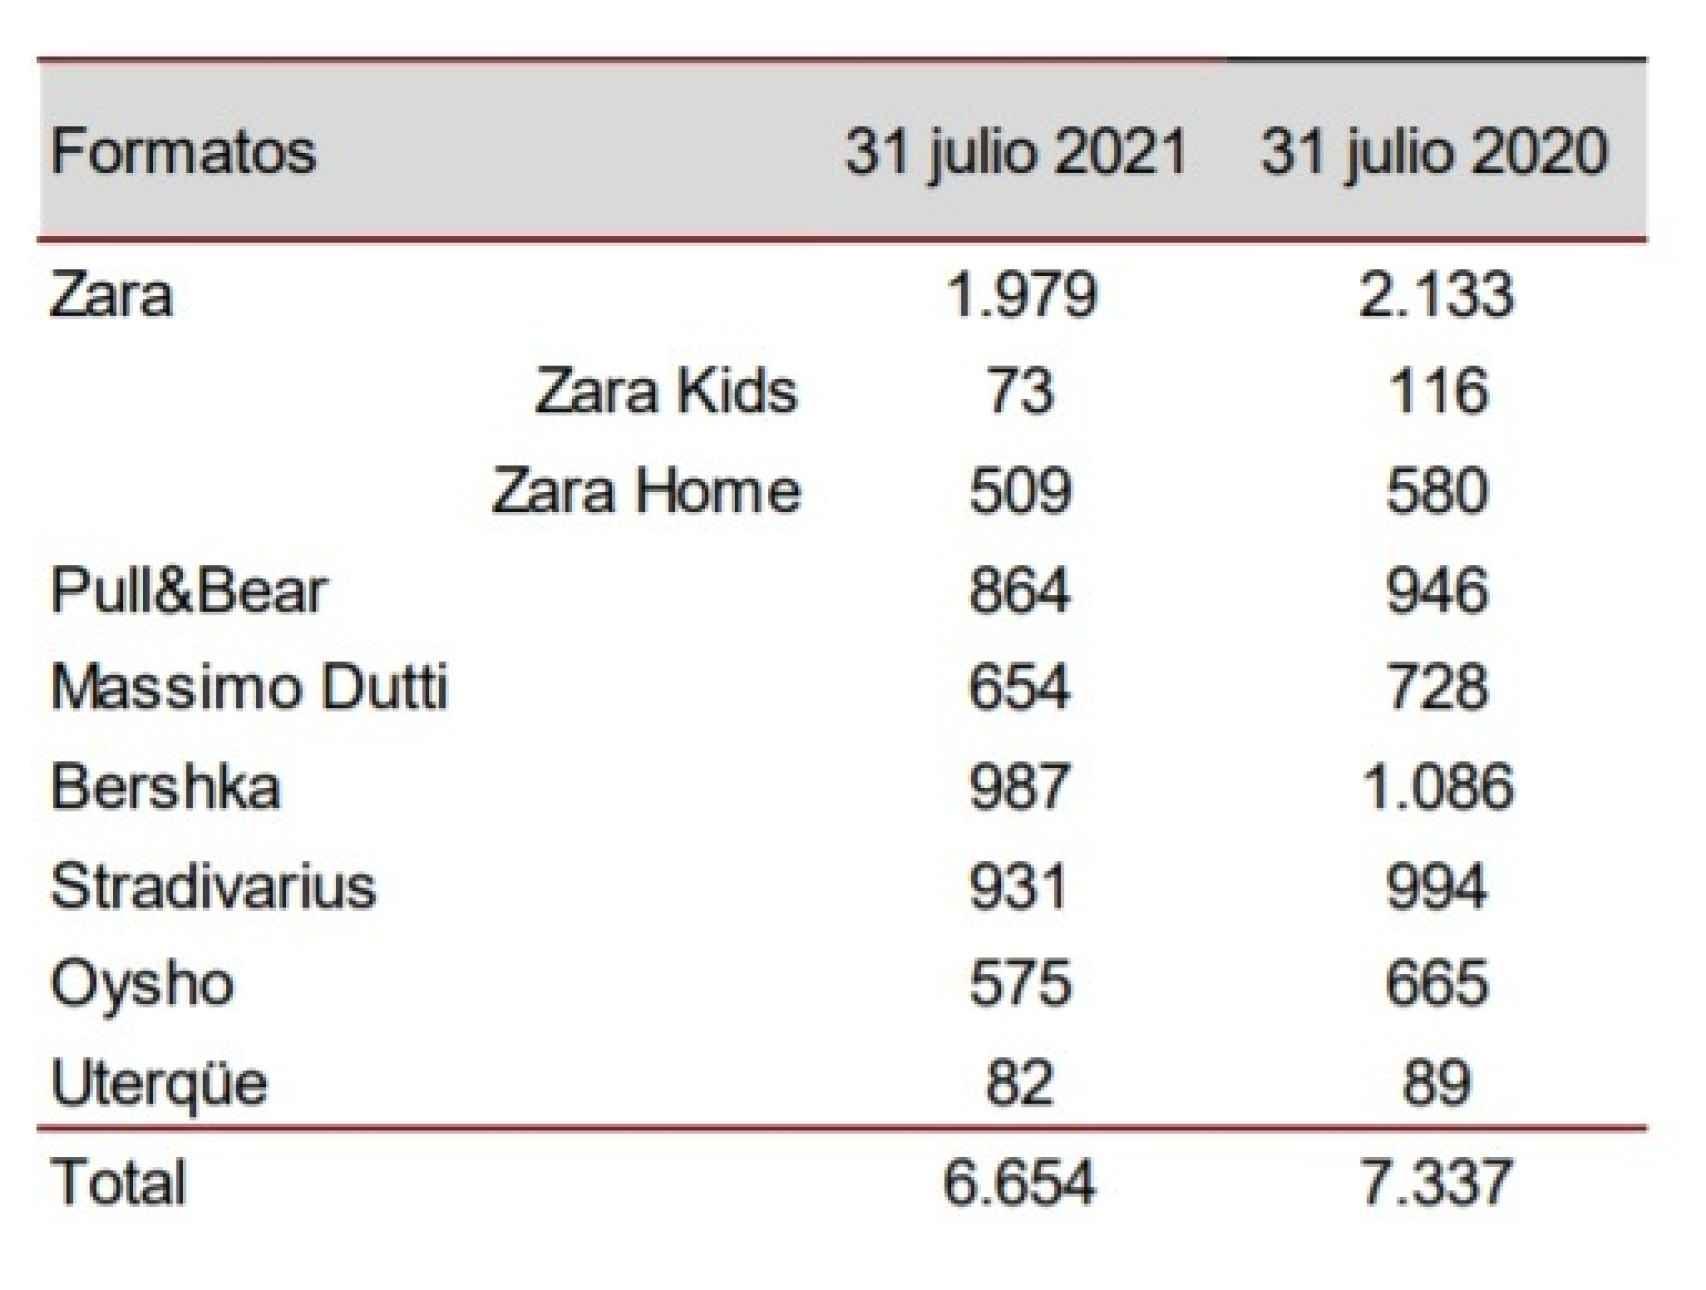 Tiendas de Inditex a 31 de julio de 2021. Fuente: Inditex.